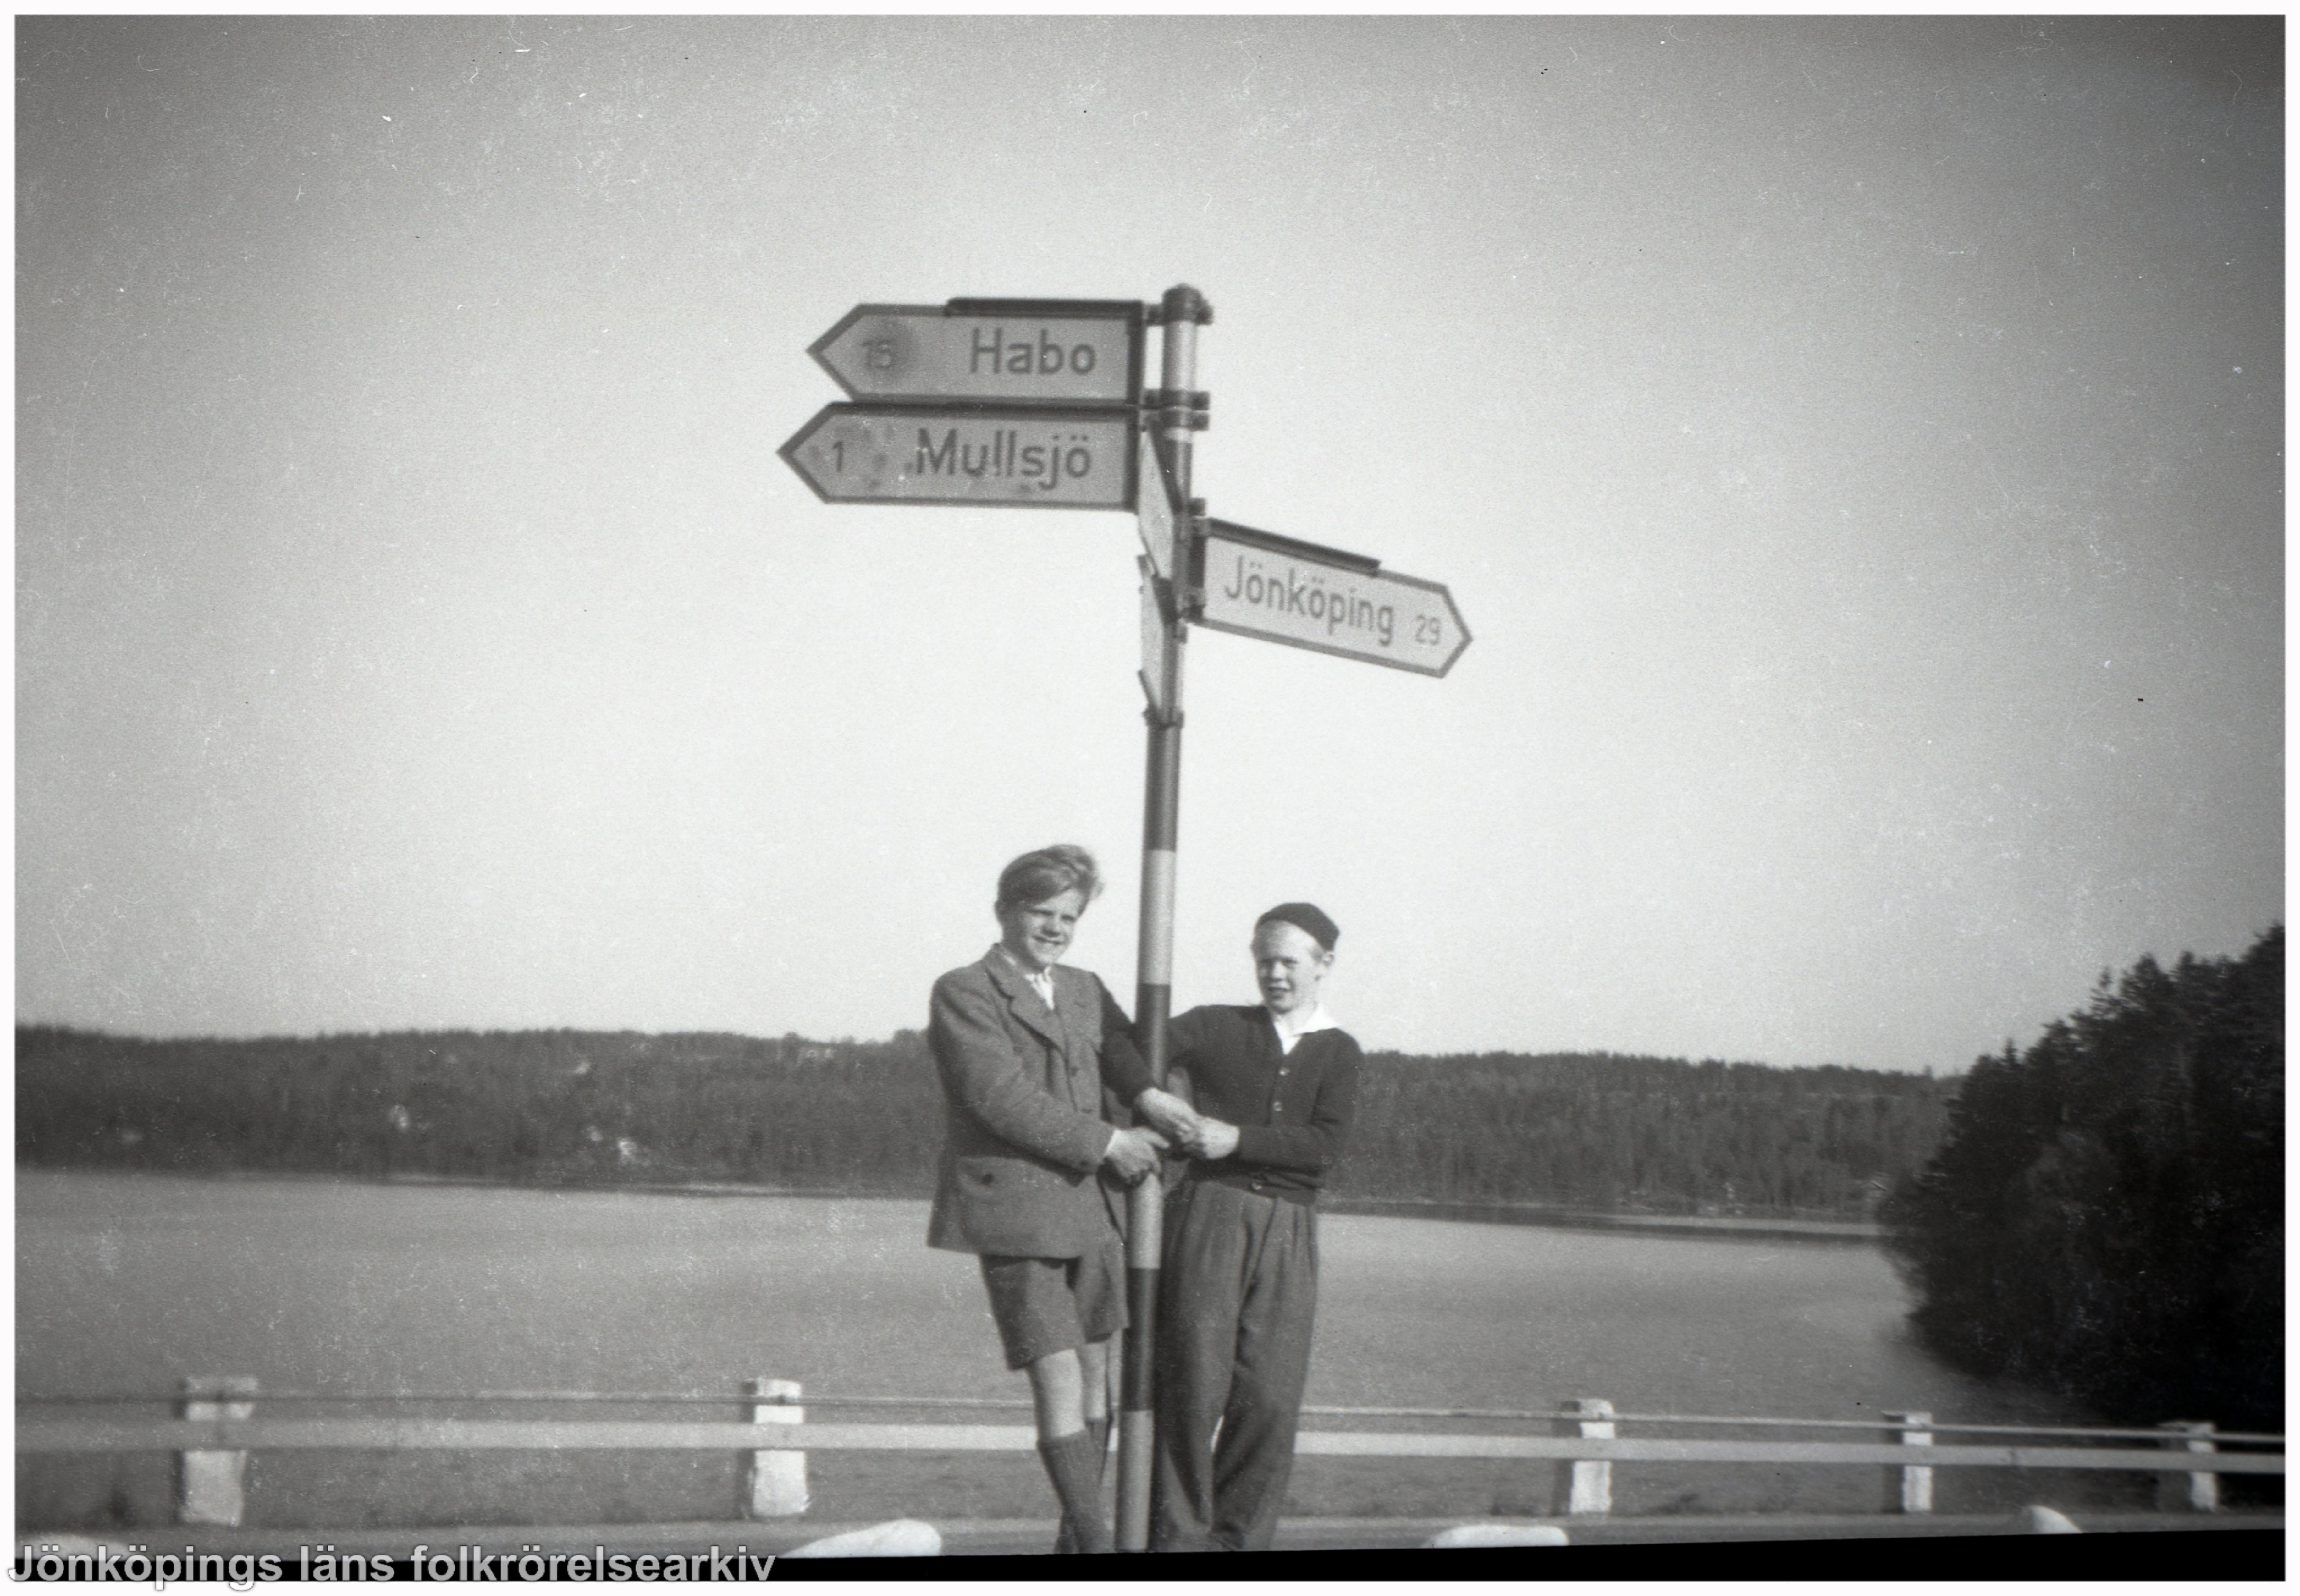 Två pojkar står vid en stolpe med tre skyltar Habo, Mullsjö, Jönköping.